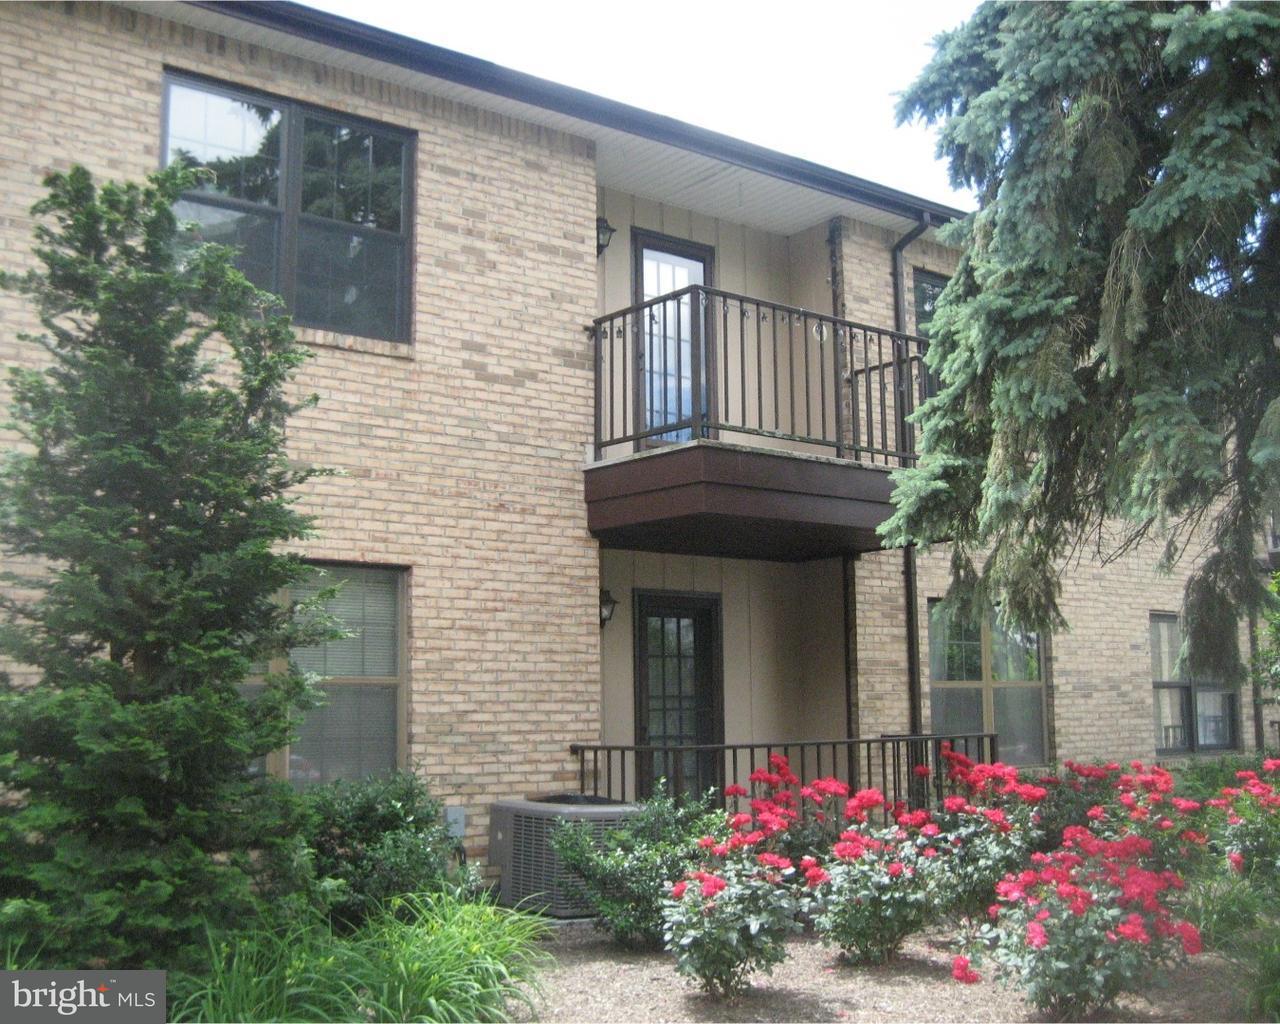 단독 가정 주택 용 매매 에 1313 WELLINGTON Place Aberdeen, 뉴저지 07747 미국